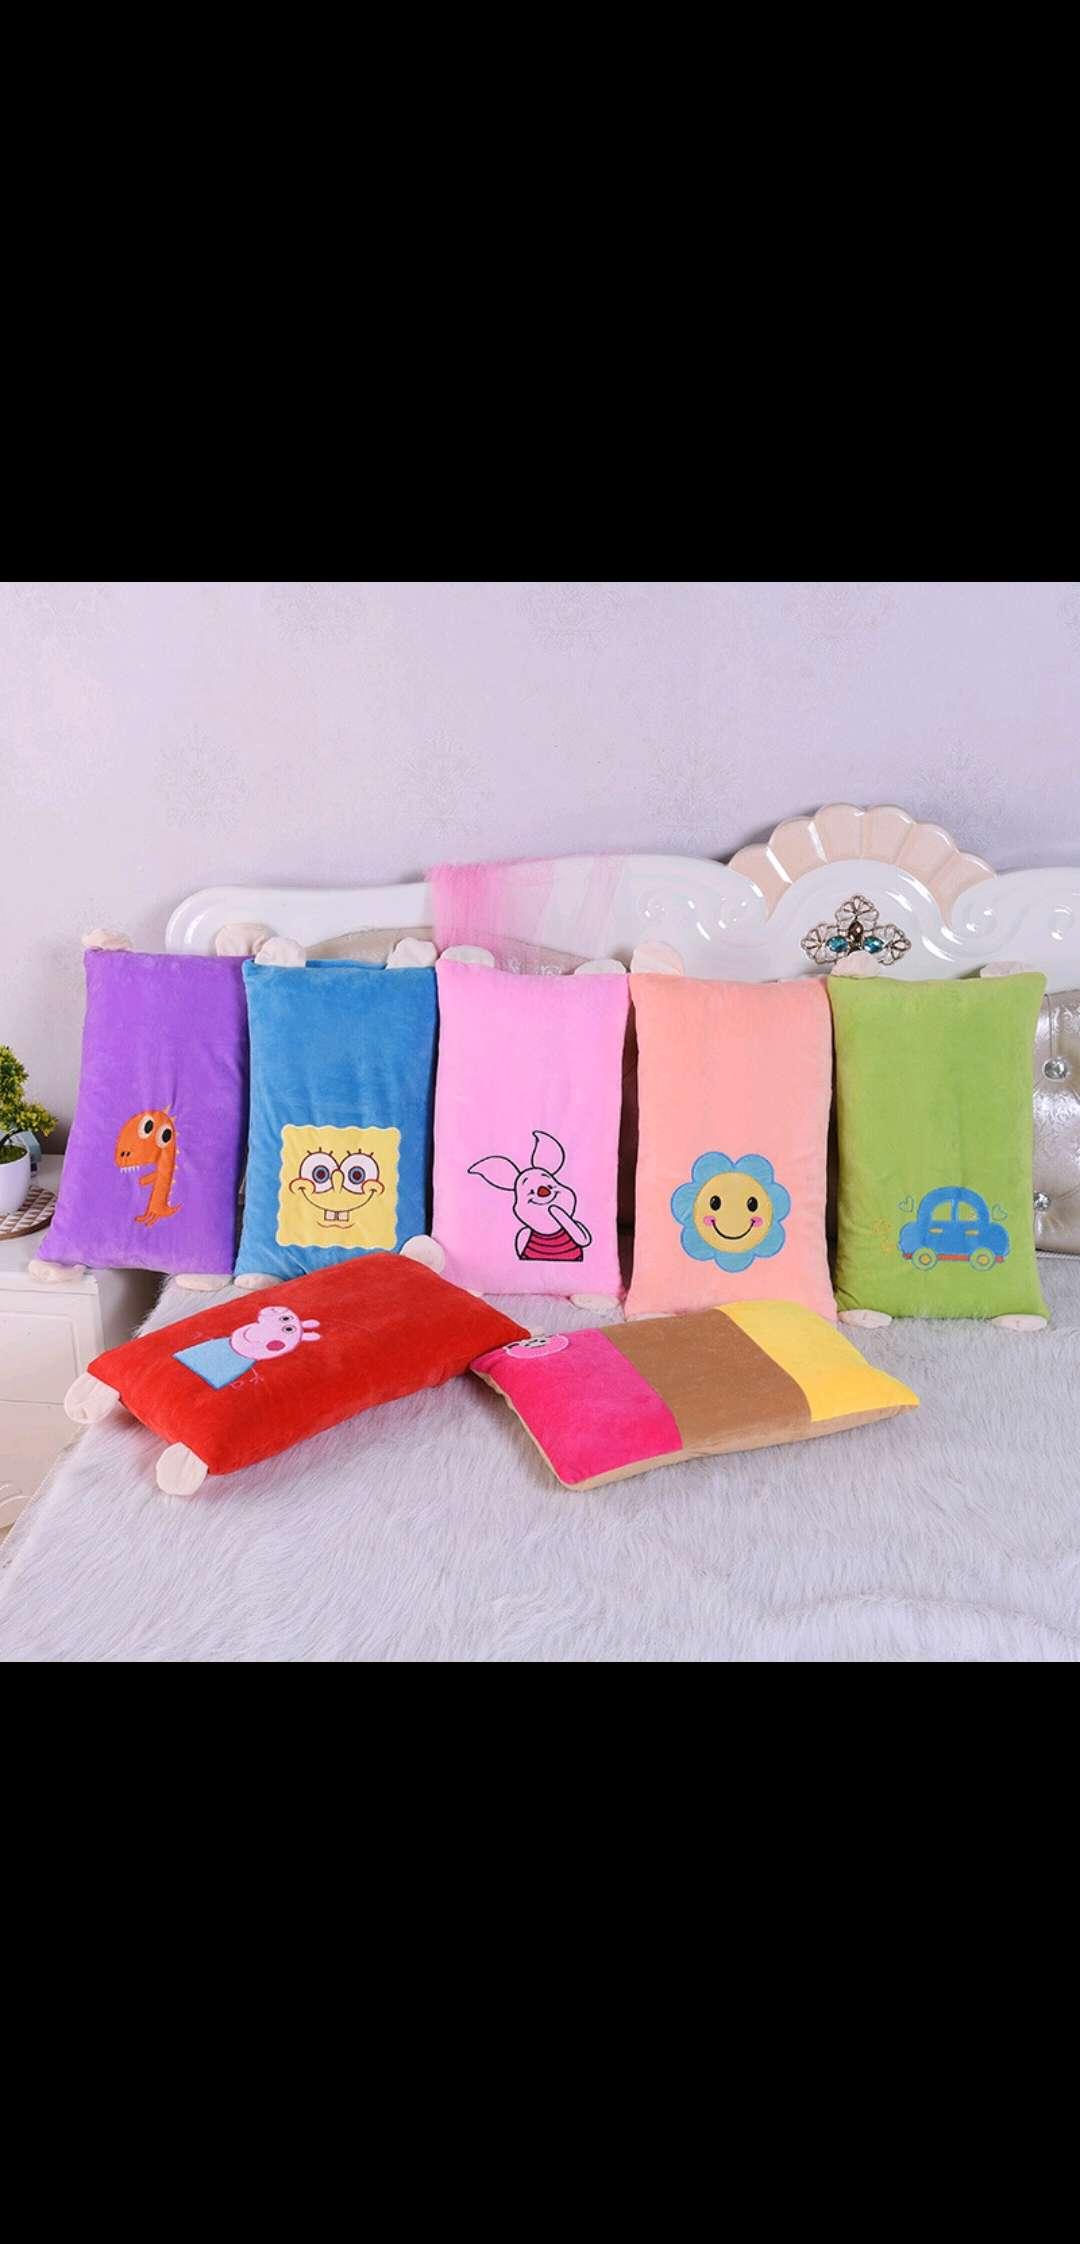 超柔绣花卡通婴幼儿幼儿园学生枕地摊货2020爆款一件代发童枕定型枕头